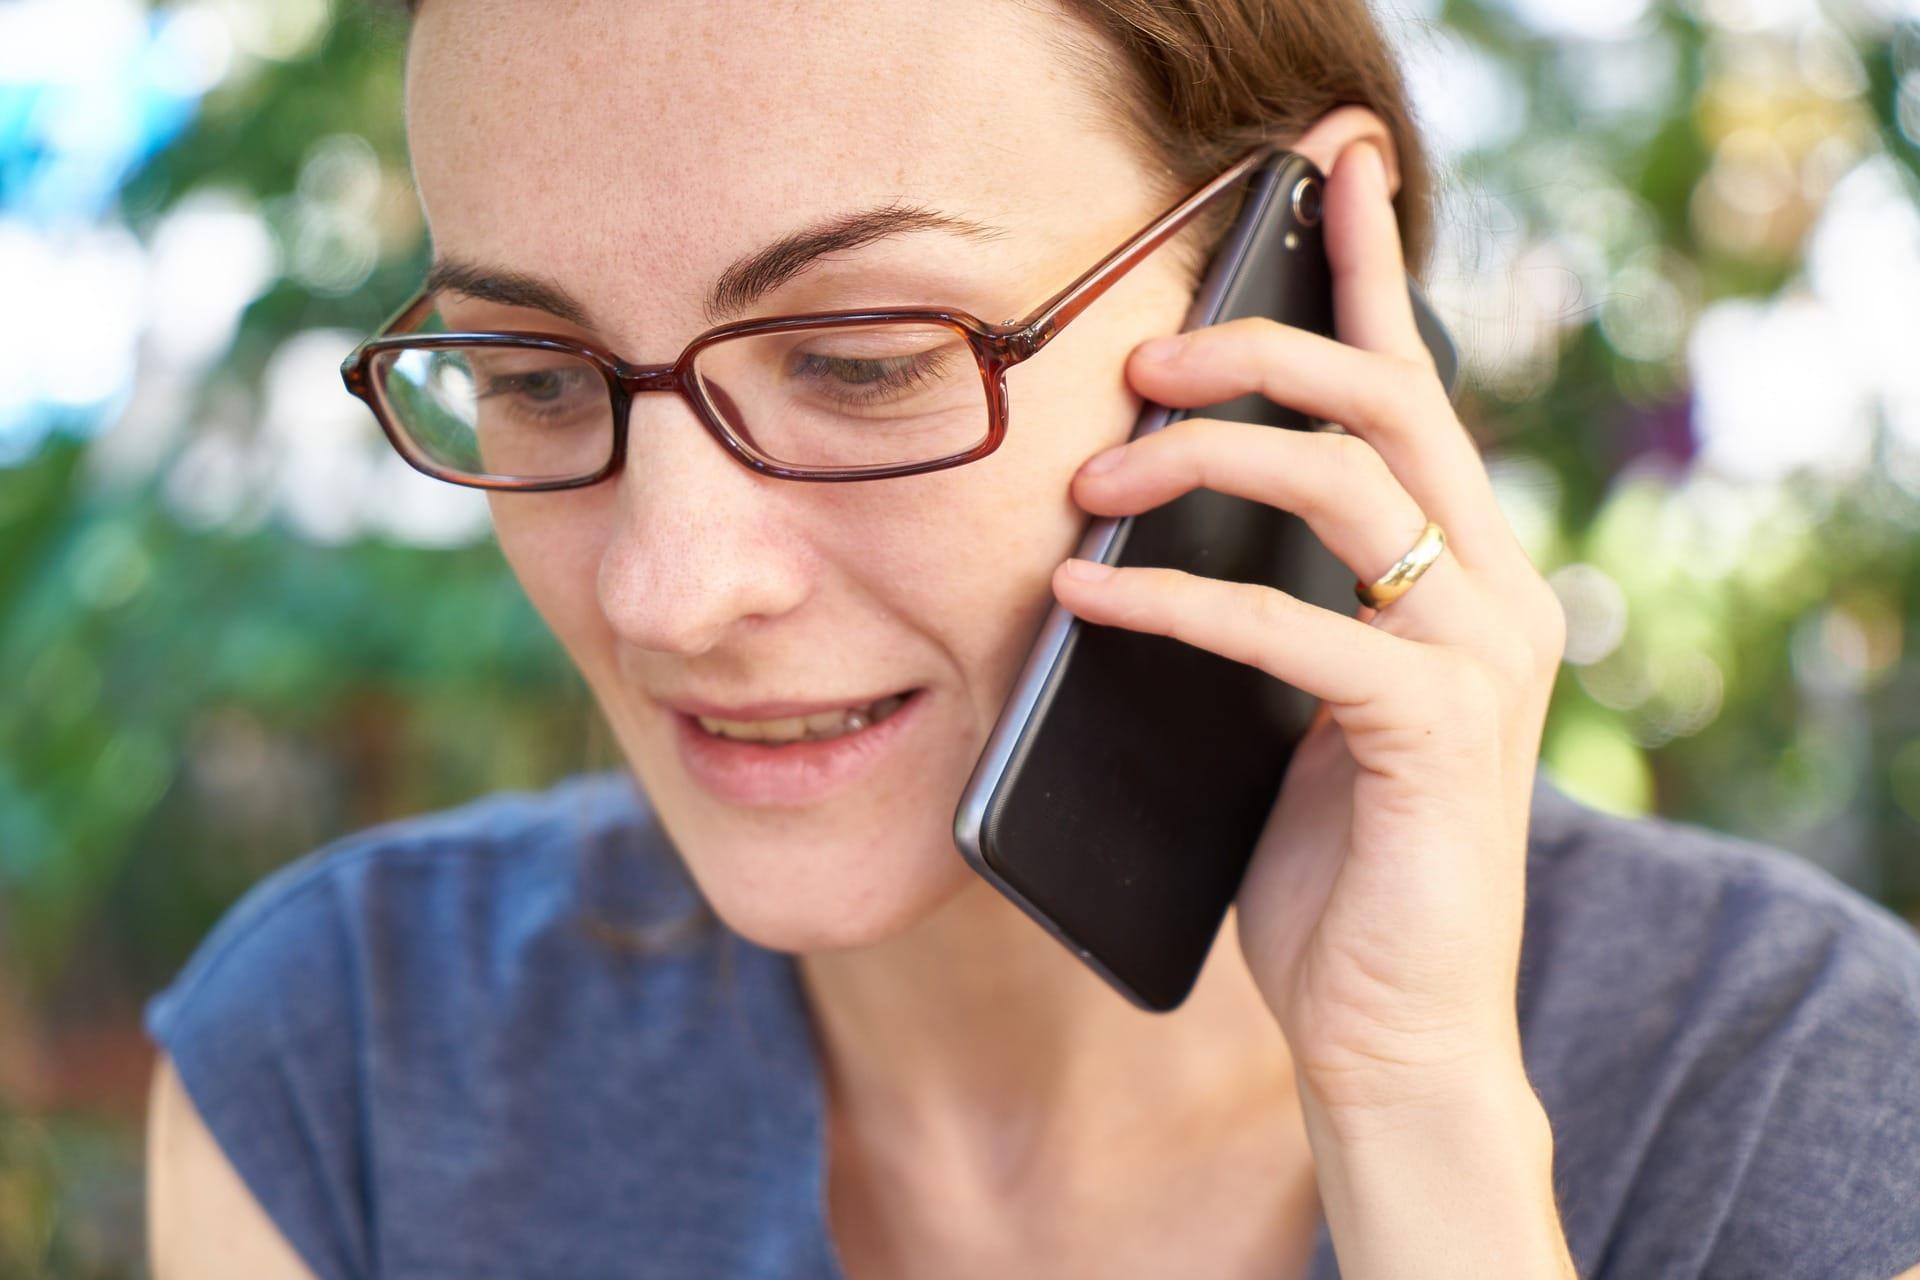 Nainen puhuu puhelimessä